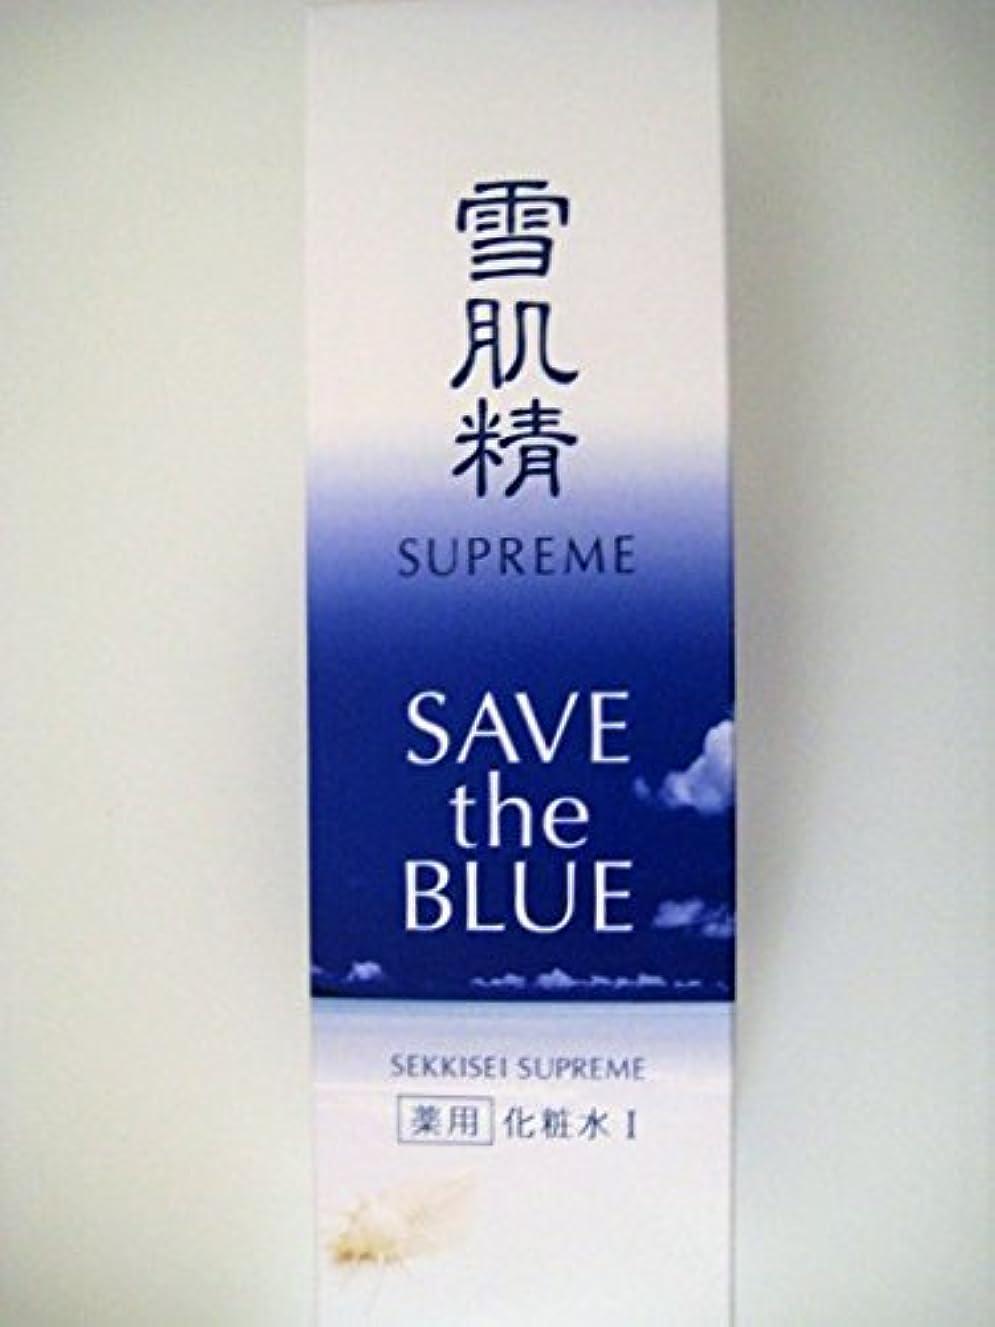 相関する効率気になる雪肌精 シュープレム 化粧水 Ⅰ SAVE THE BLUE 400ml